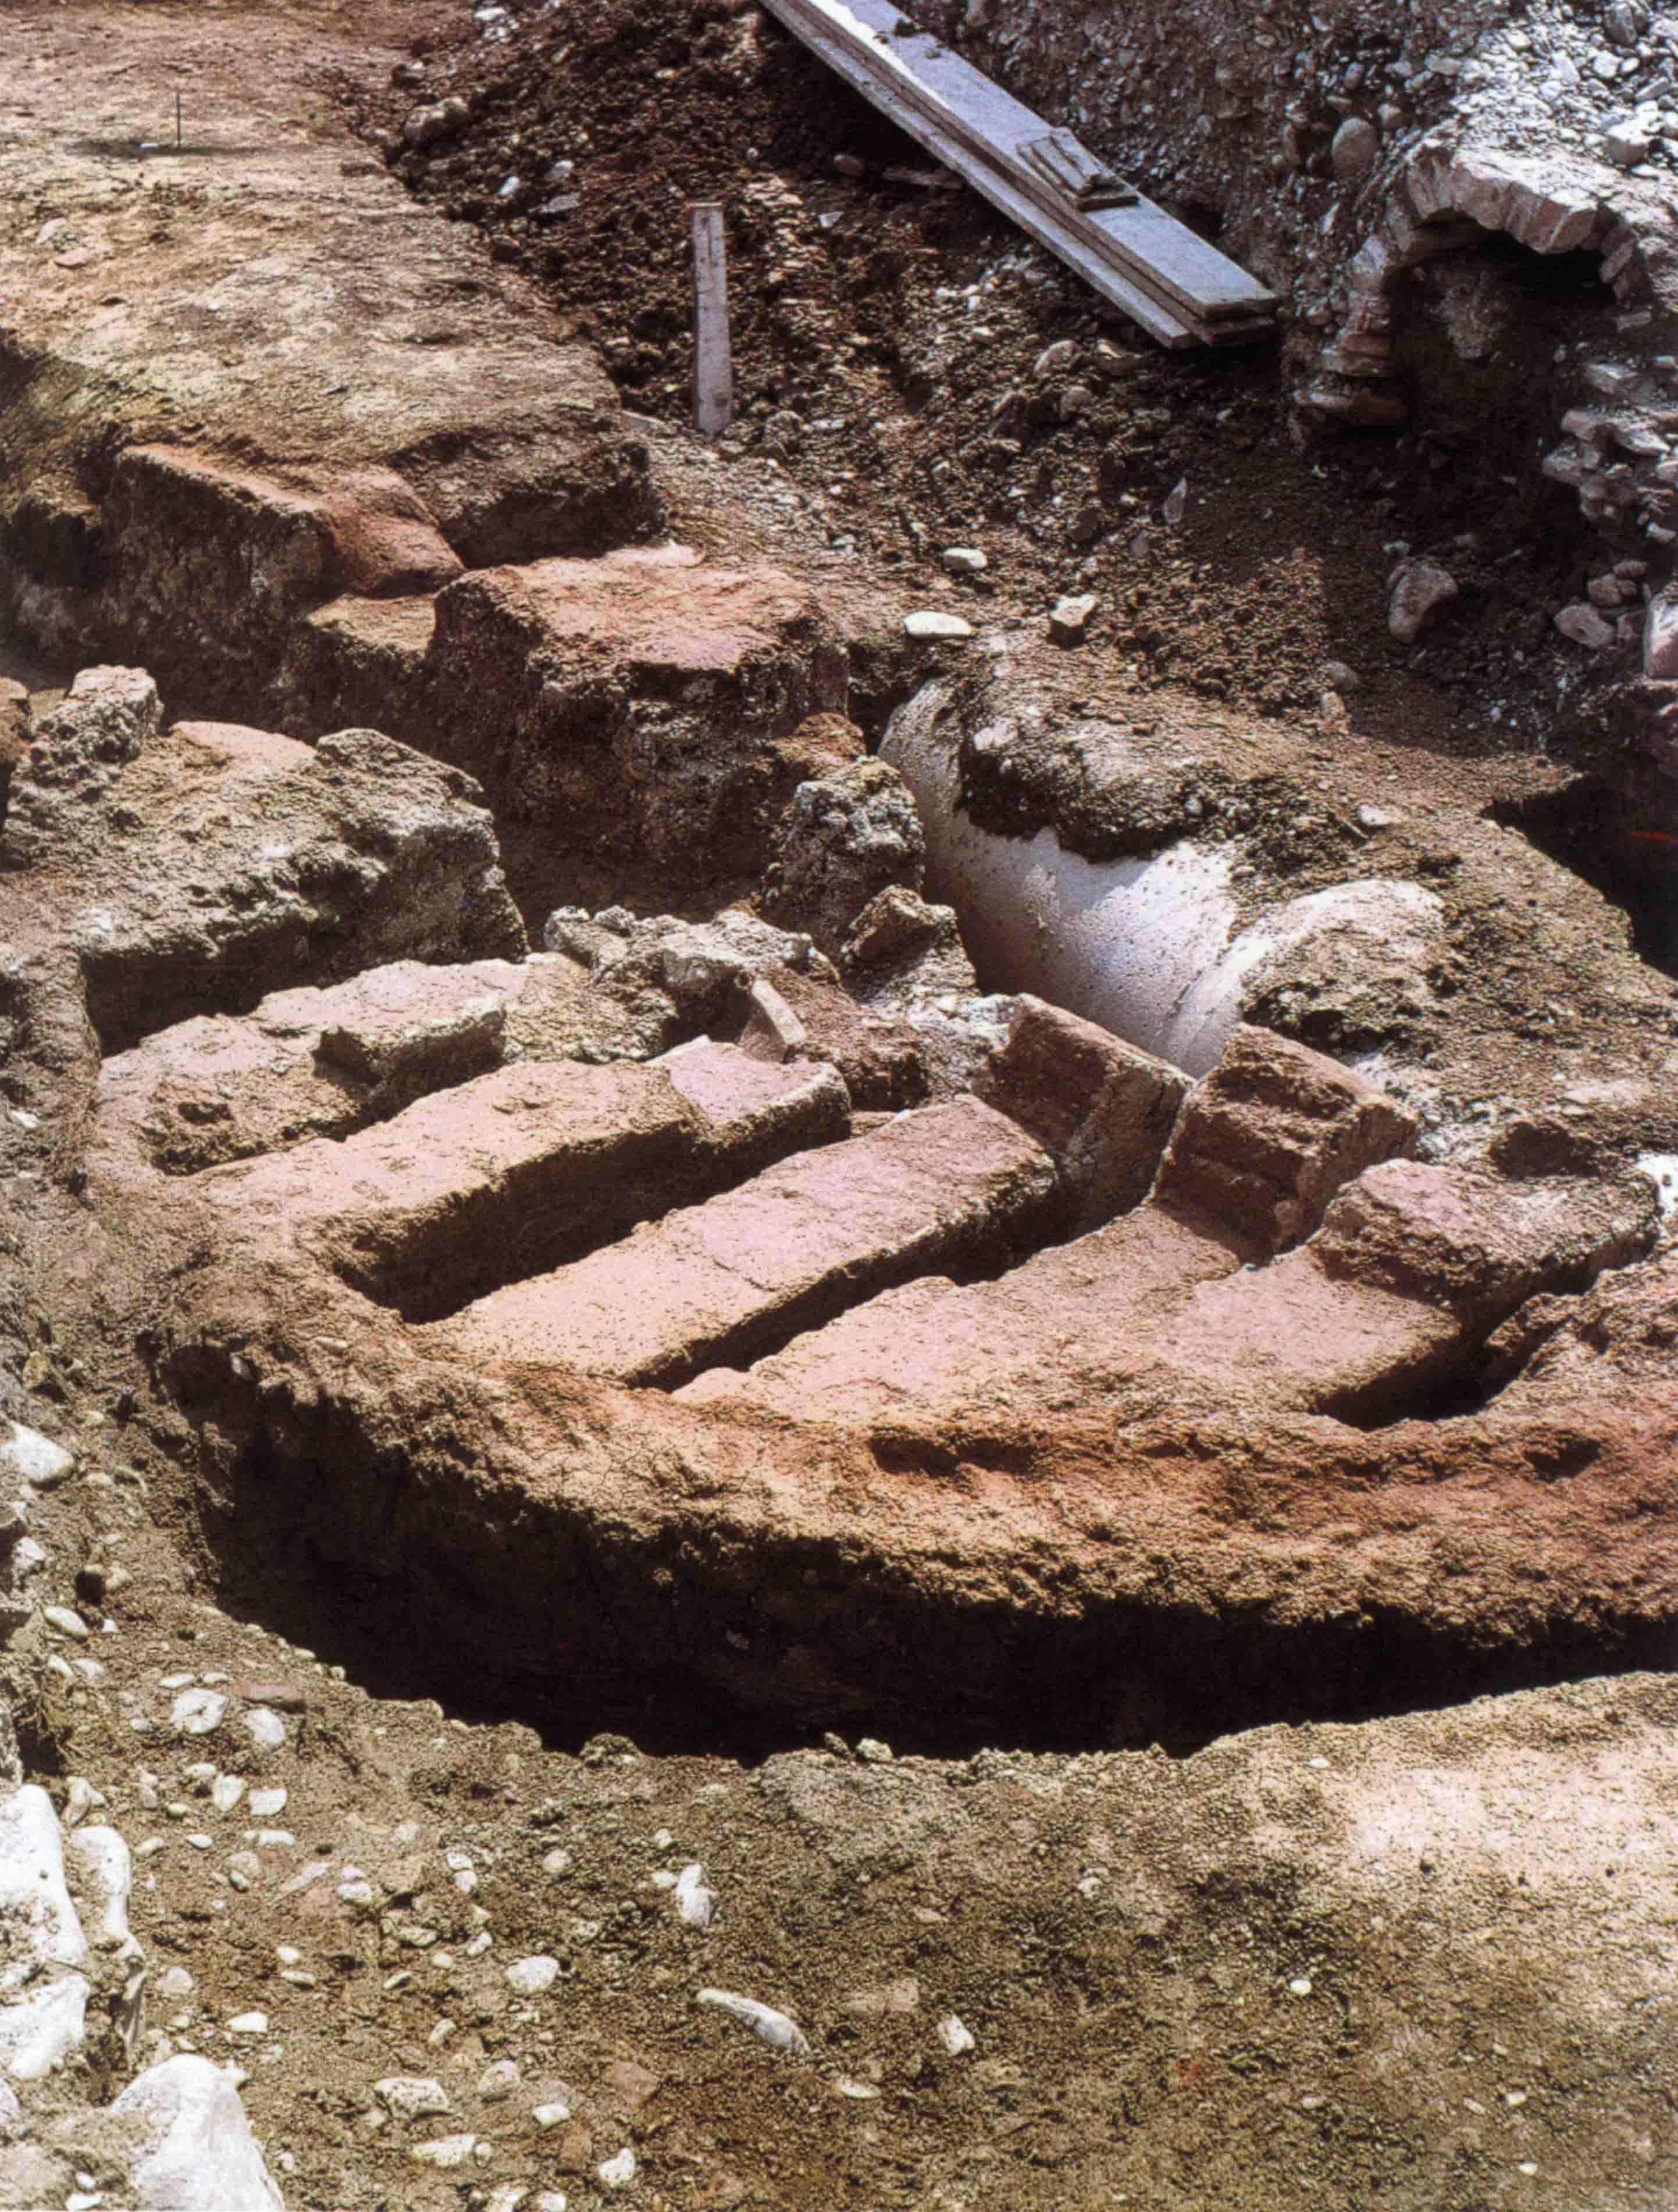 09. Fornace per anfore lungo la strada provinciale a Sala Baganza (Scavi SAER-Marini Calvani 1980).